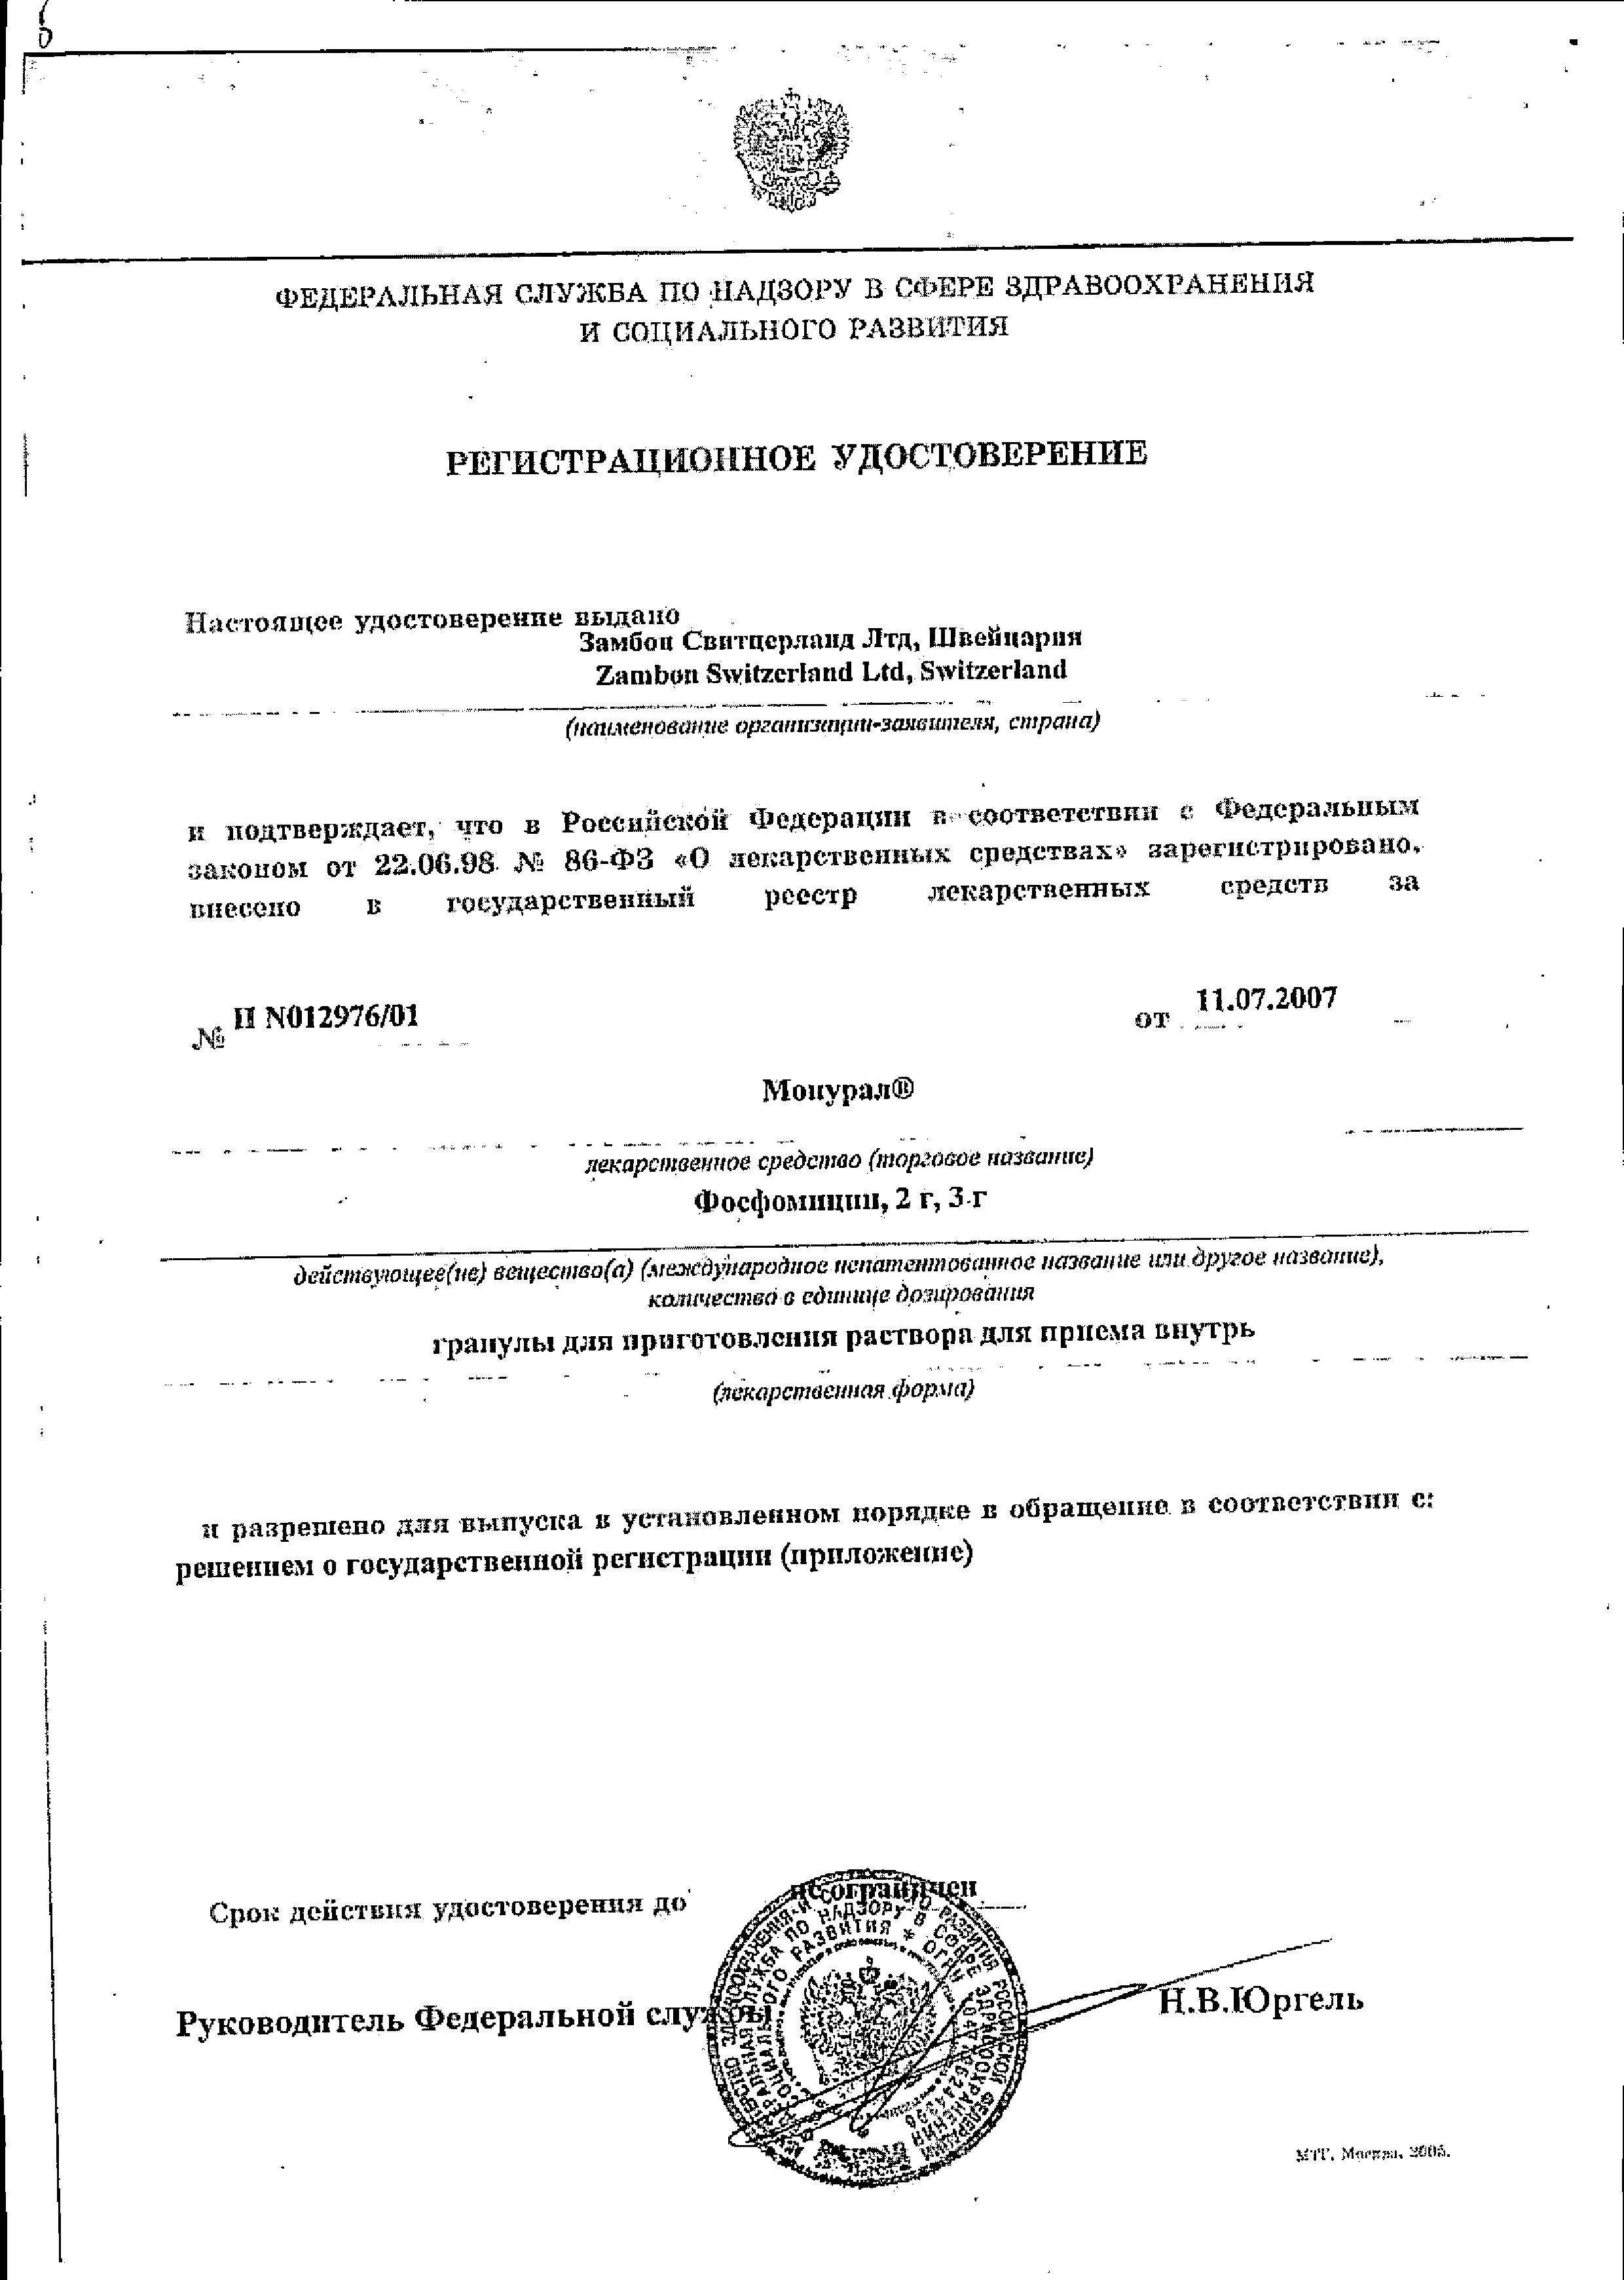 Монурал сертификат